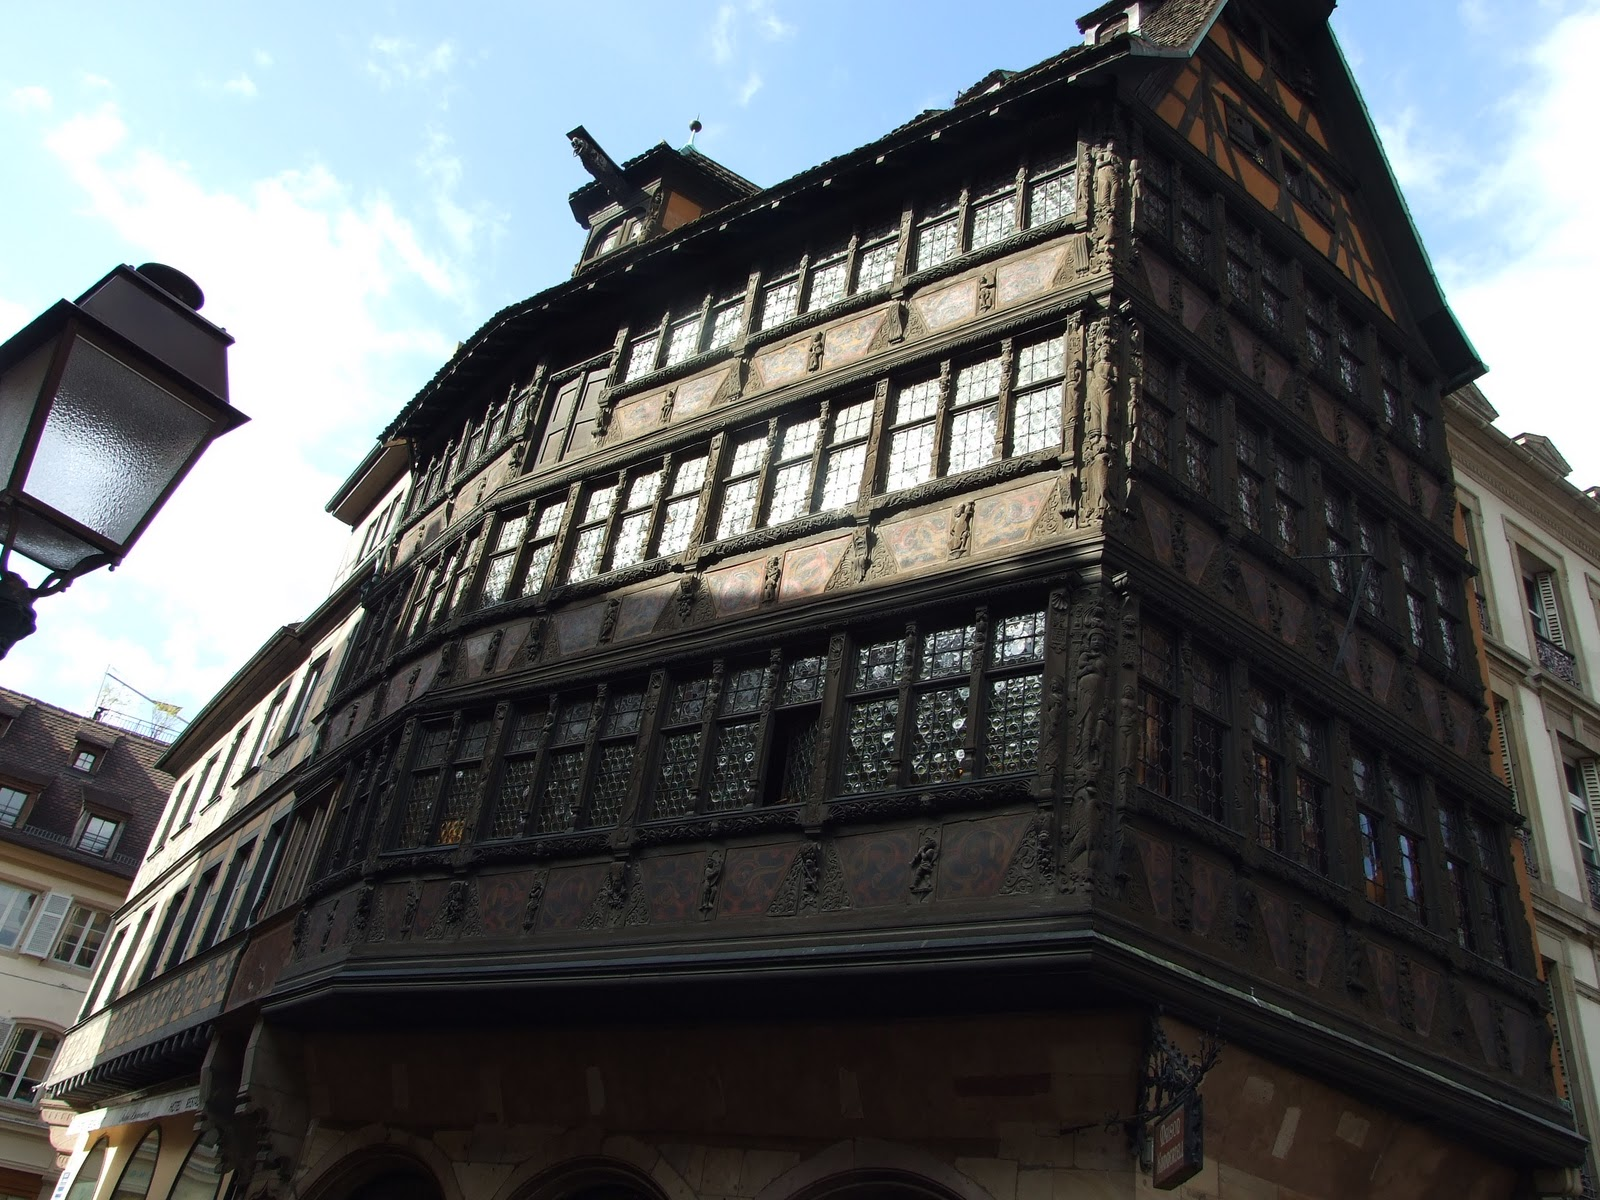 Architecture photos strasbourg alsace region france for K architecture strasbourg